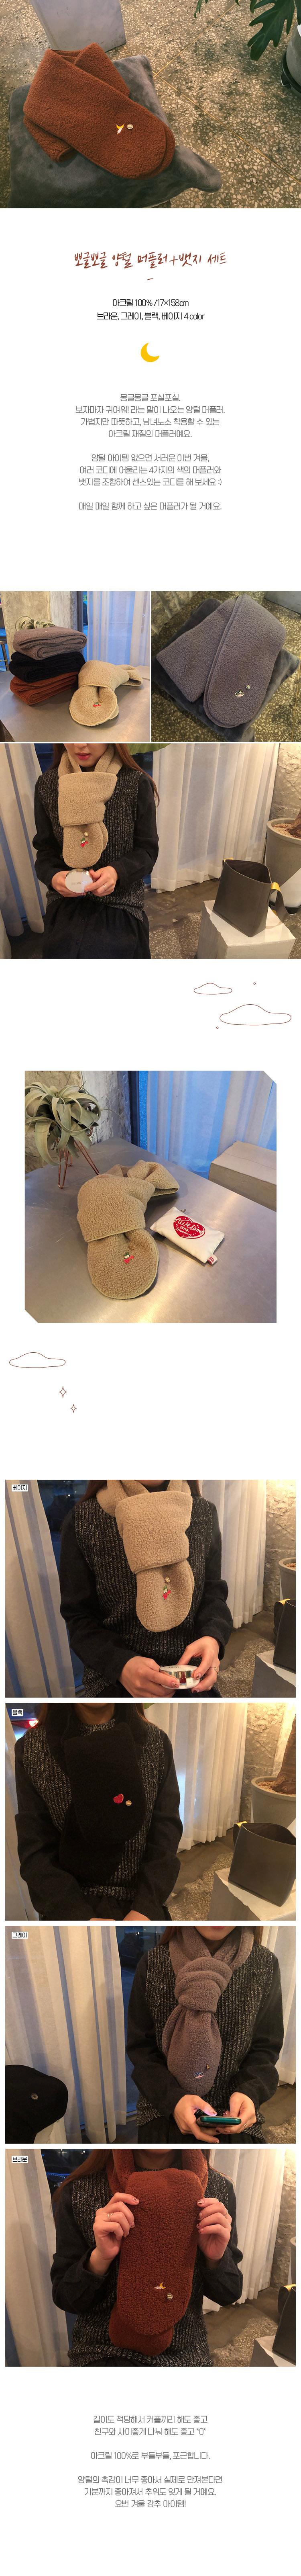 뽀글뽀글 양털 머플러+뱃지 세트24,000원-어썸스트로베리패션잡화, 모자/머플러/장갑, 머플러, 니트 머플러바보사랑뽀글뽀글 양털 머플러+뱃지 세트24,000원-어썸스트로베리패션잡화, 모자/머플러/장갑, 머플러, 니트 머플러바보사랑